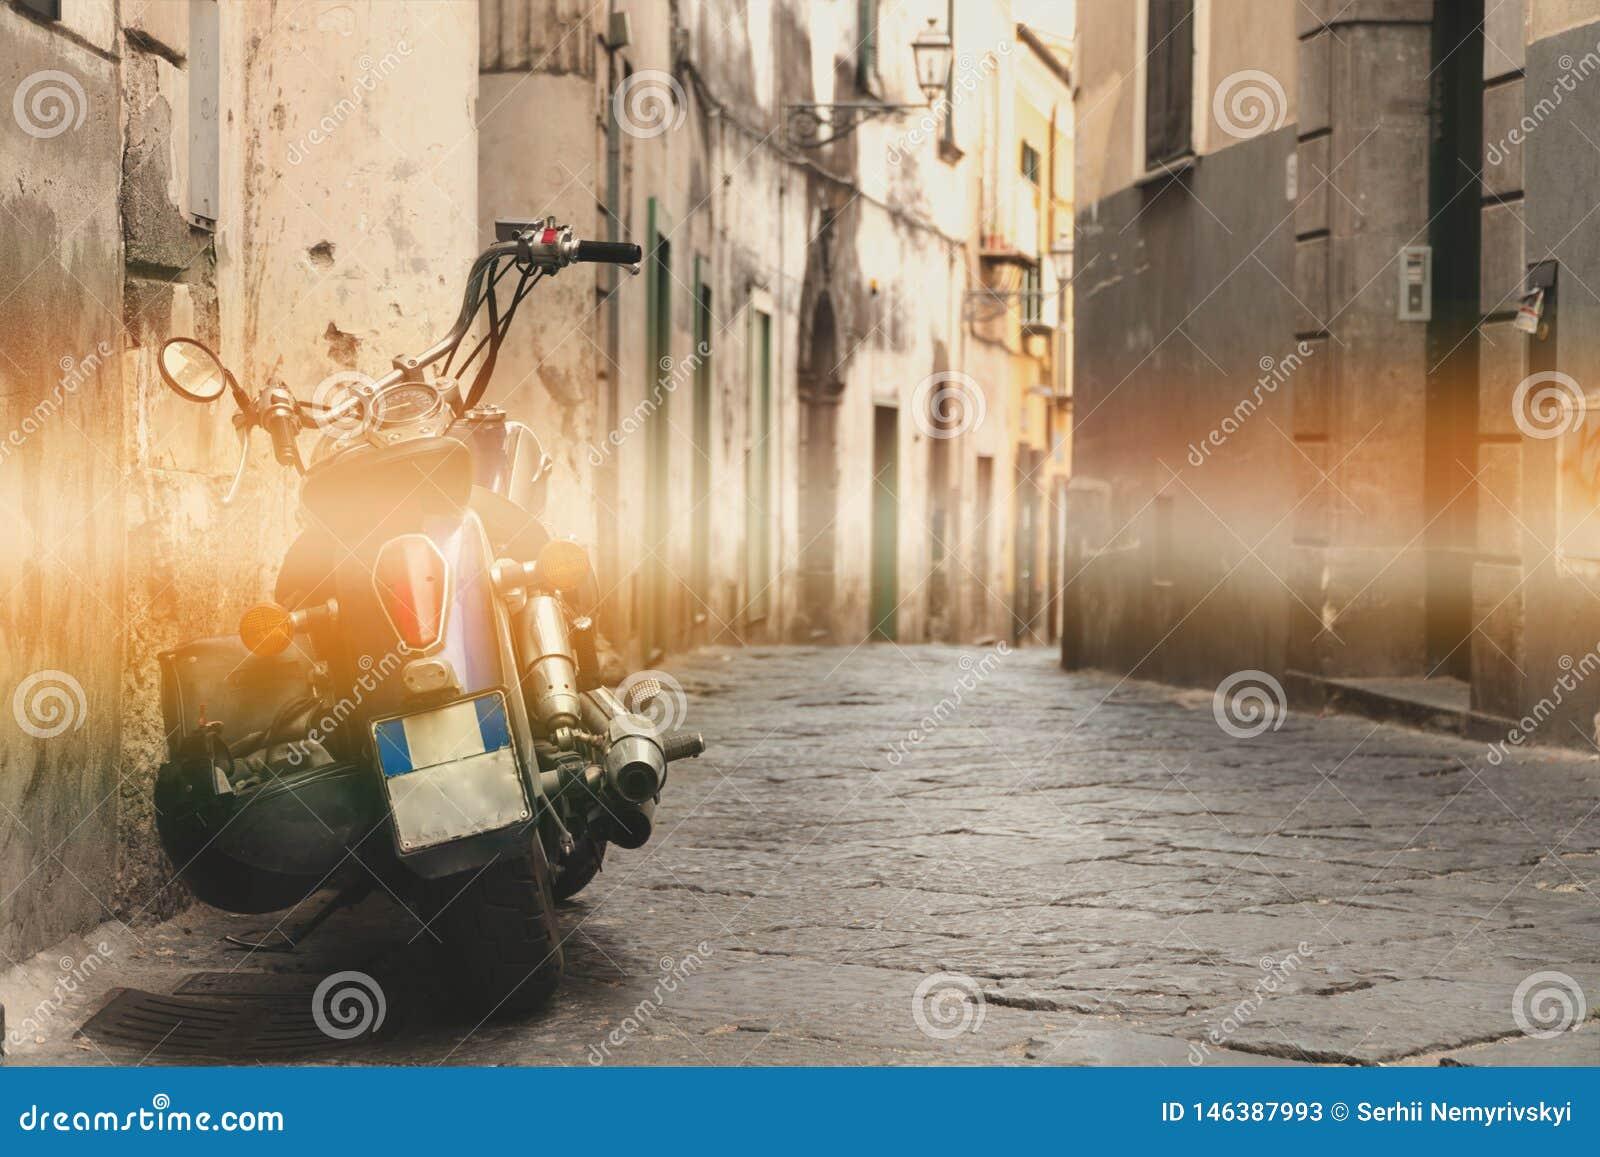 Cl?ssico na rua, rua velha da motocicleta da montanha, projeto de conceito do curso da excurs?o, espa?o para o texto